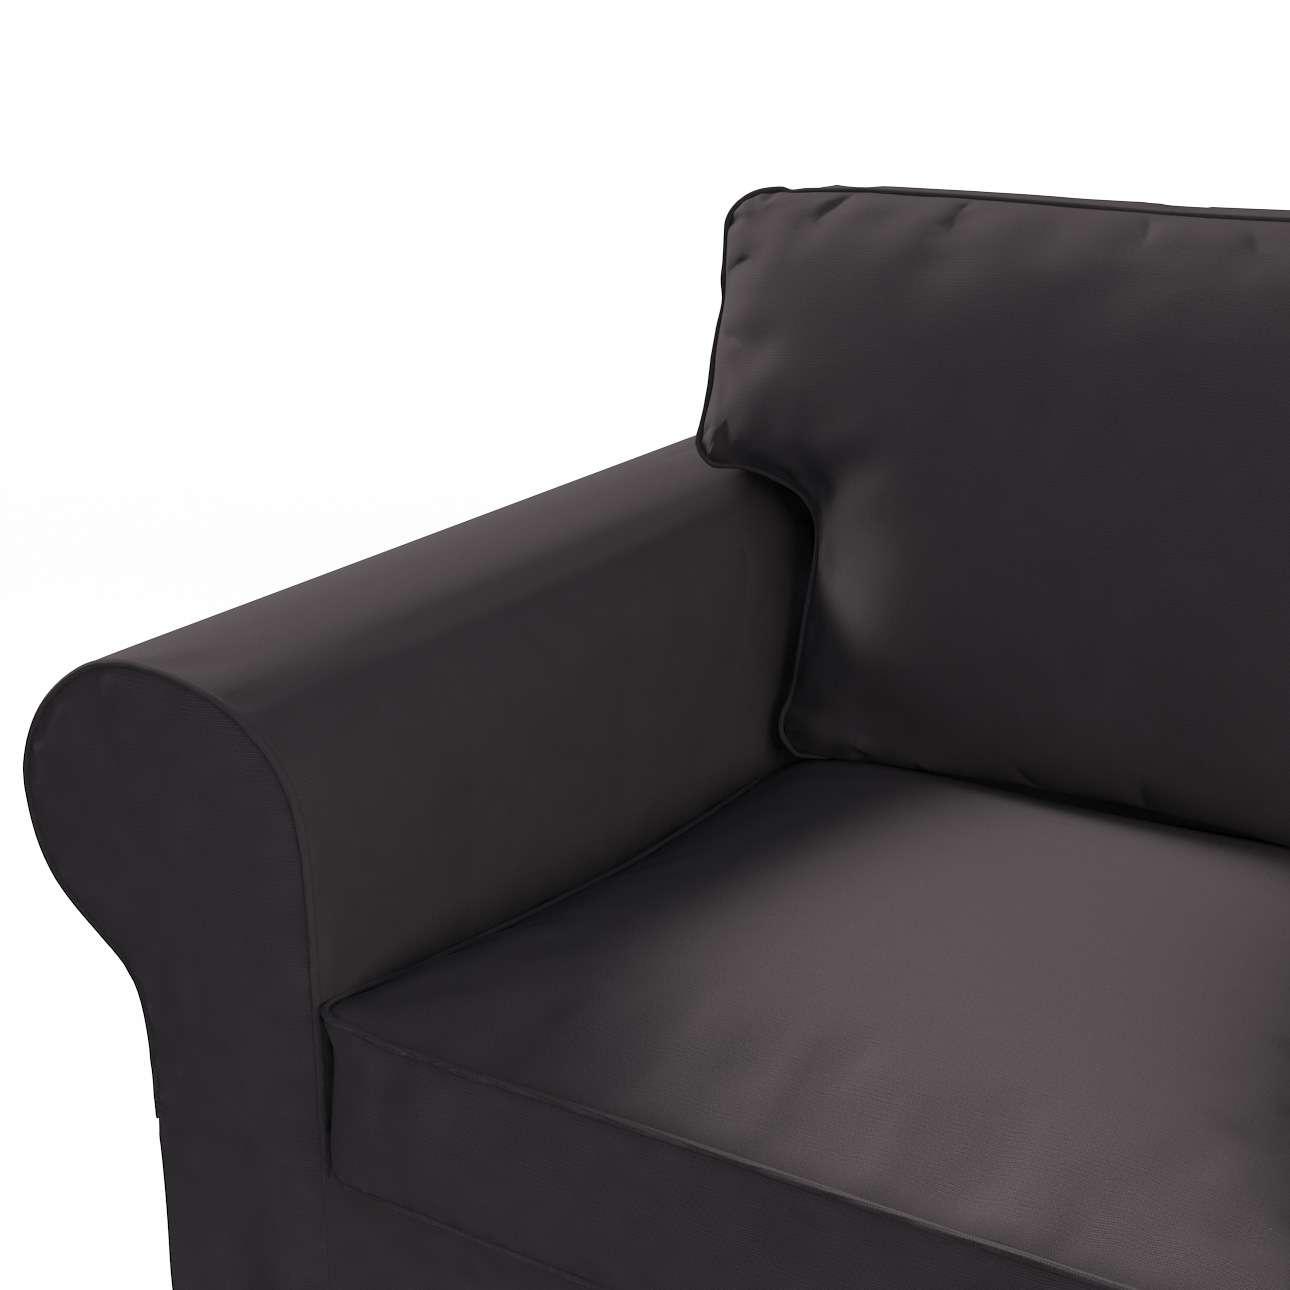 Pokrowiec na sofę Ektorp 3-osobową, rozkładaną, PIXBO w kolekcji Cotton Panama, tkanina: 702-09